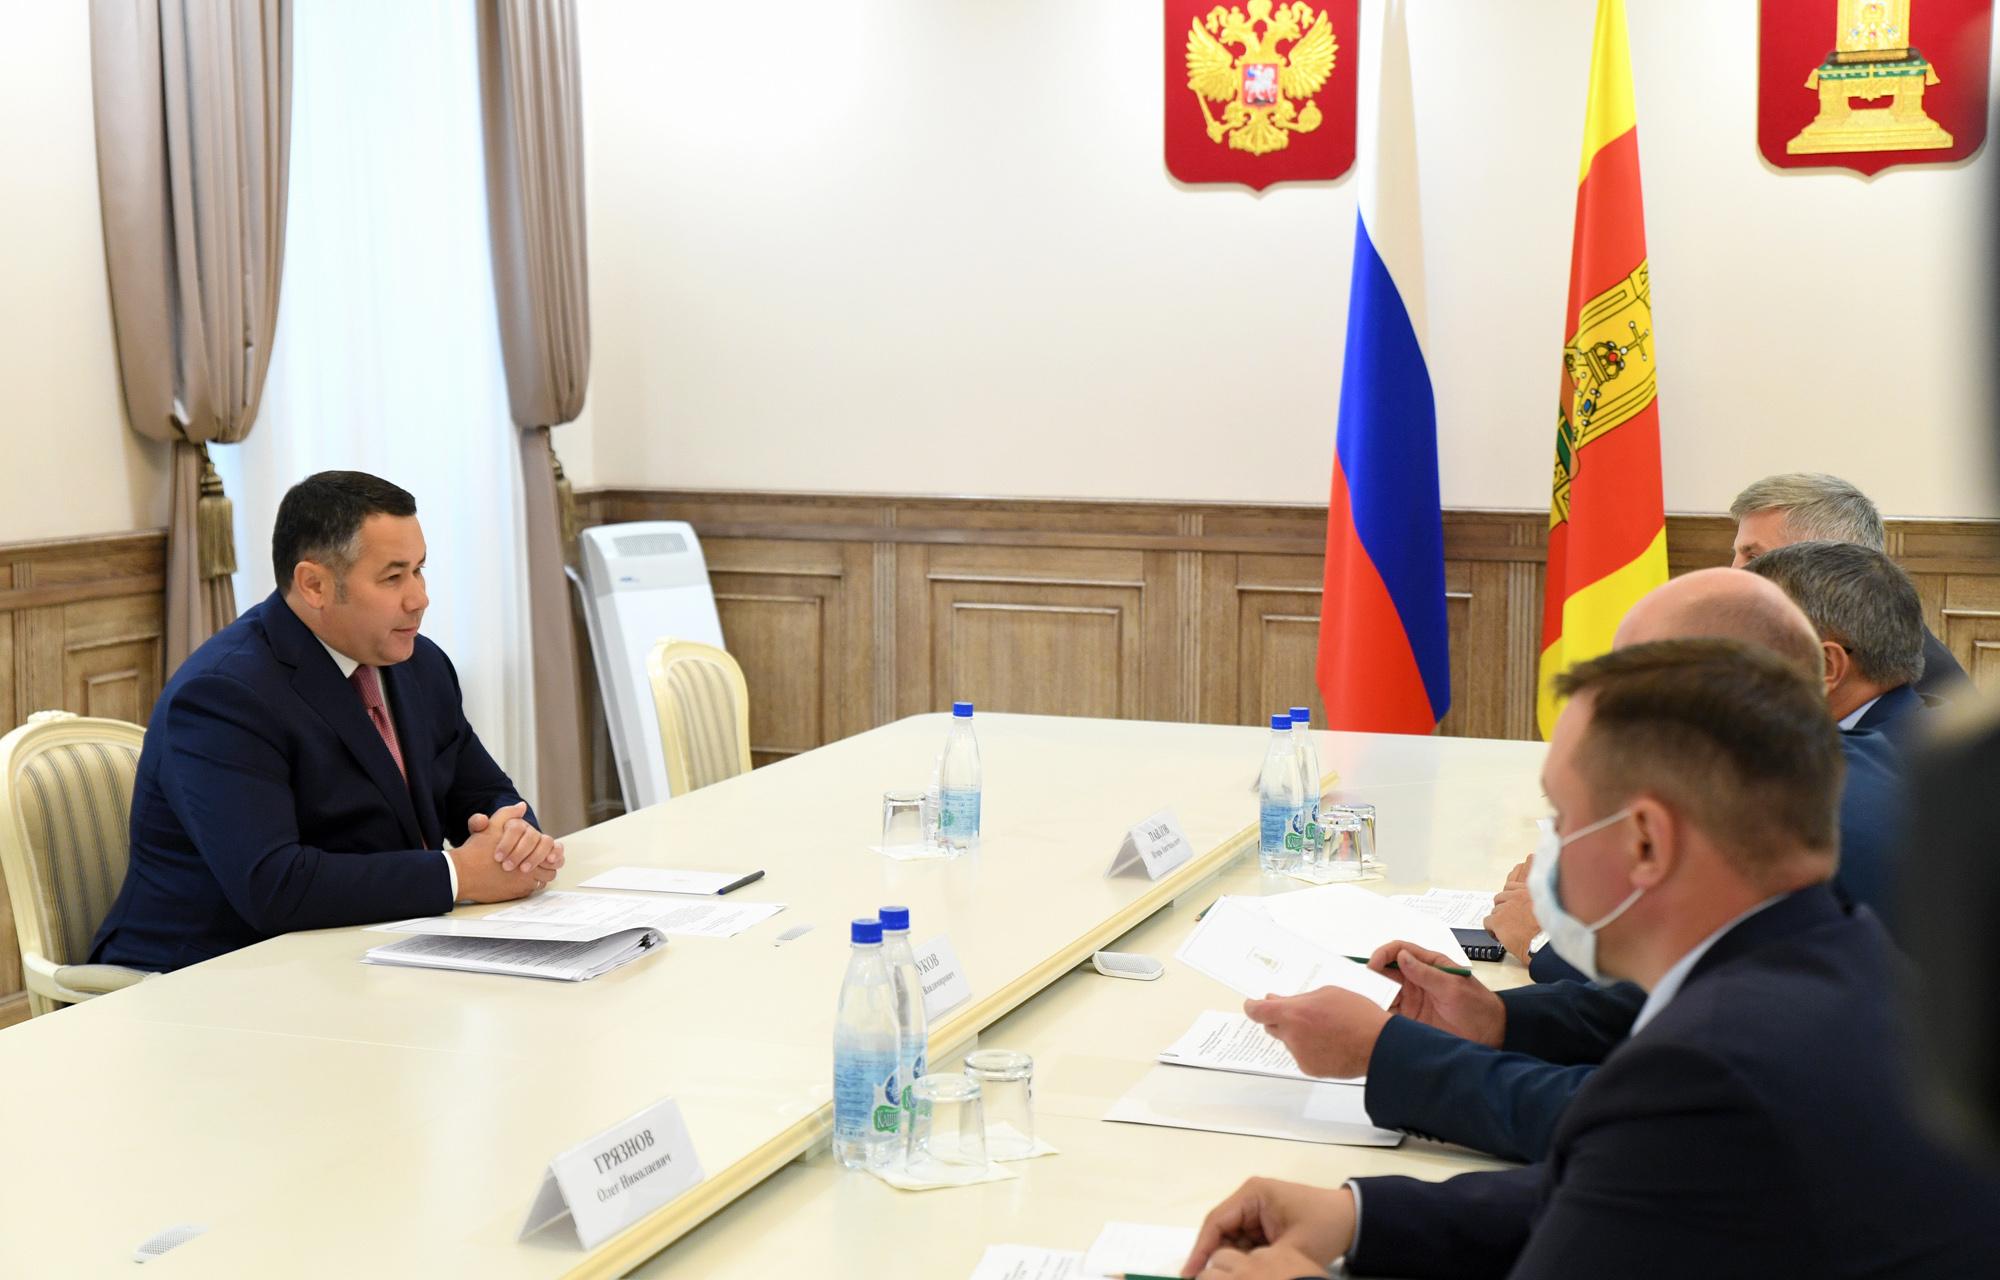 Игорь Руденя провел встречу с главами территорий Тверской области